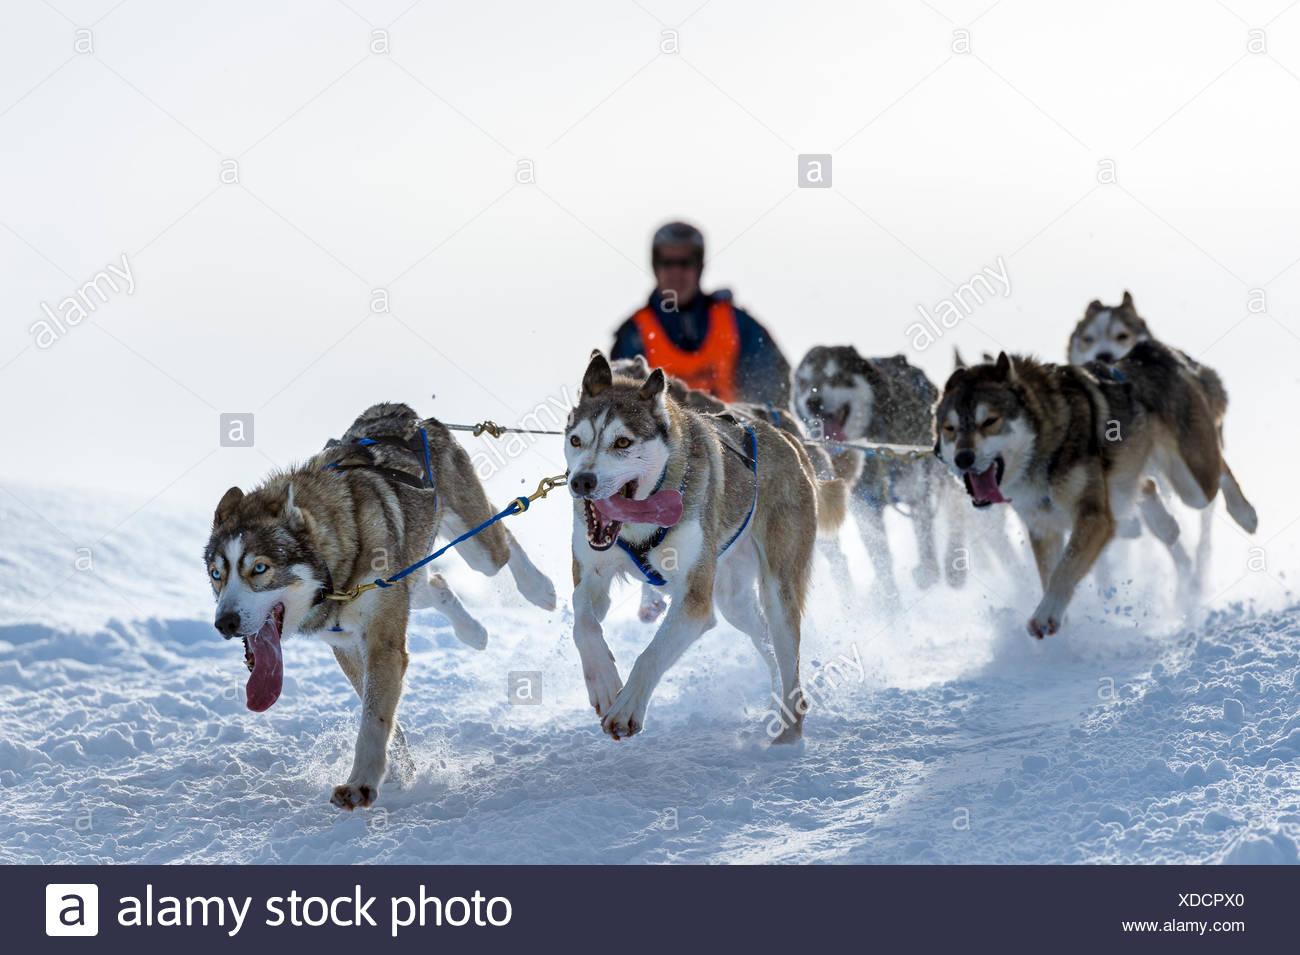 Sled Dog racing, equipo de perros de trineo en invierno el paisaje, Unterjoch, Oberallgäu, Baviera, Alemania Imagen De Stock